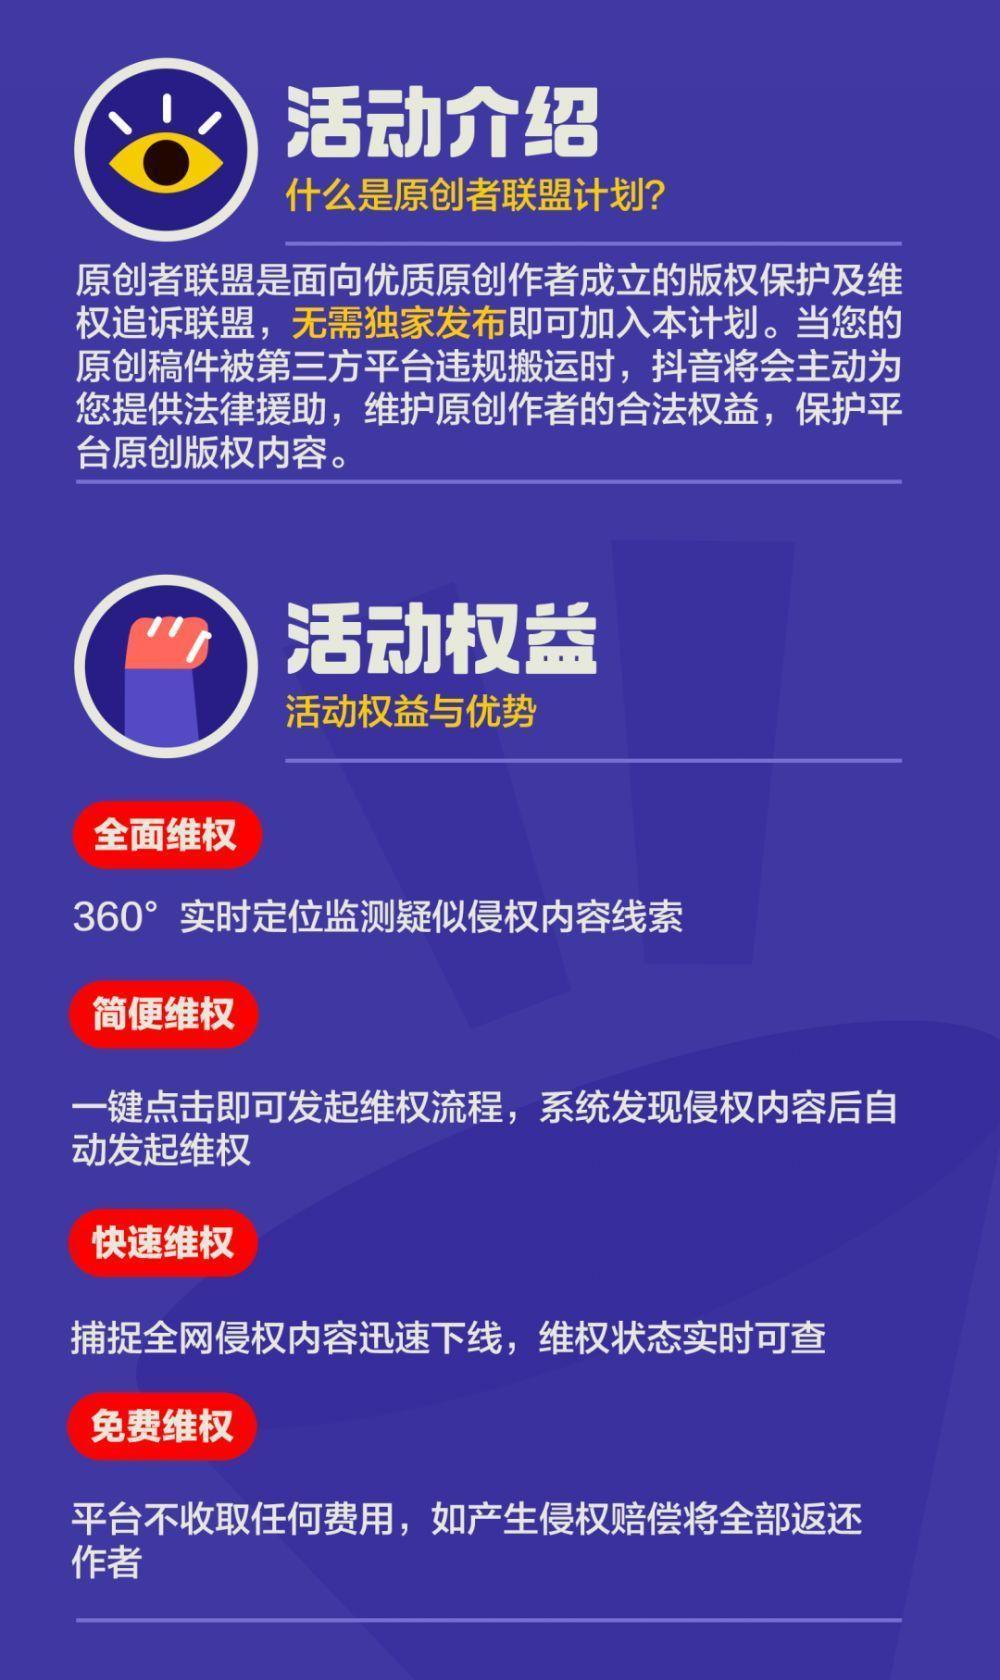 助力<a href='http://www.zhouxiaohui.cn/duanshipin/ '>短视频</a>版权内容保护 抖音原创者联盟计划来了!-第2张图片-周小辉<a href='http://www.zhouxiaohui.cn/duanshipin/ '>短视频</a>培训博客